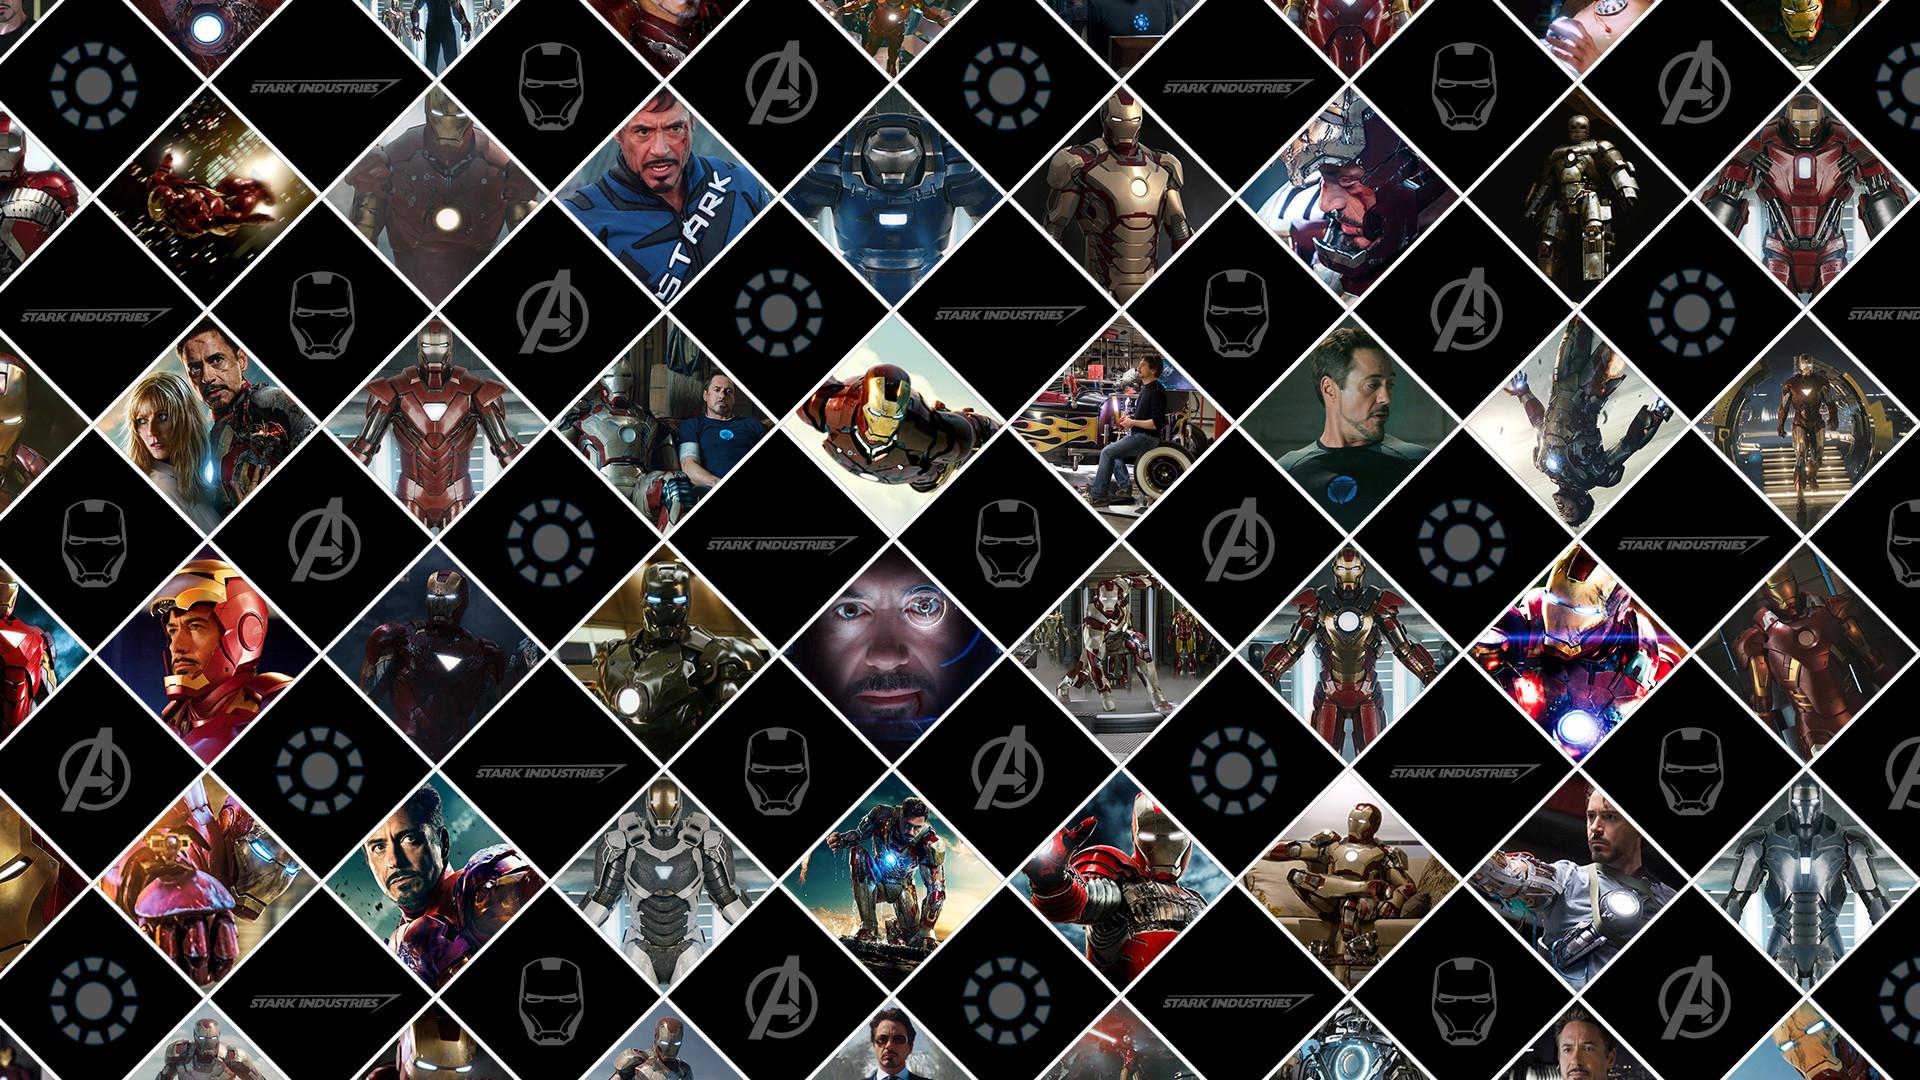 <b>Iron Man Wallpapers</b>